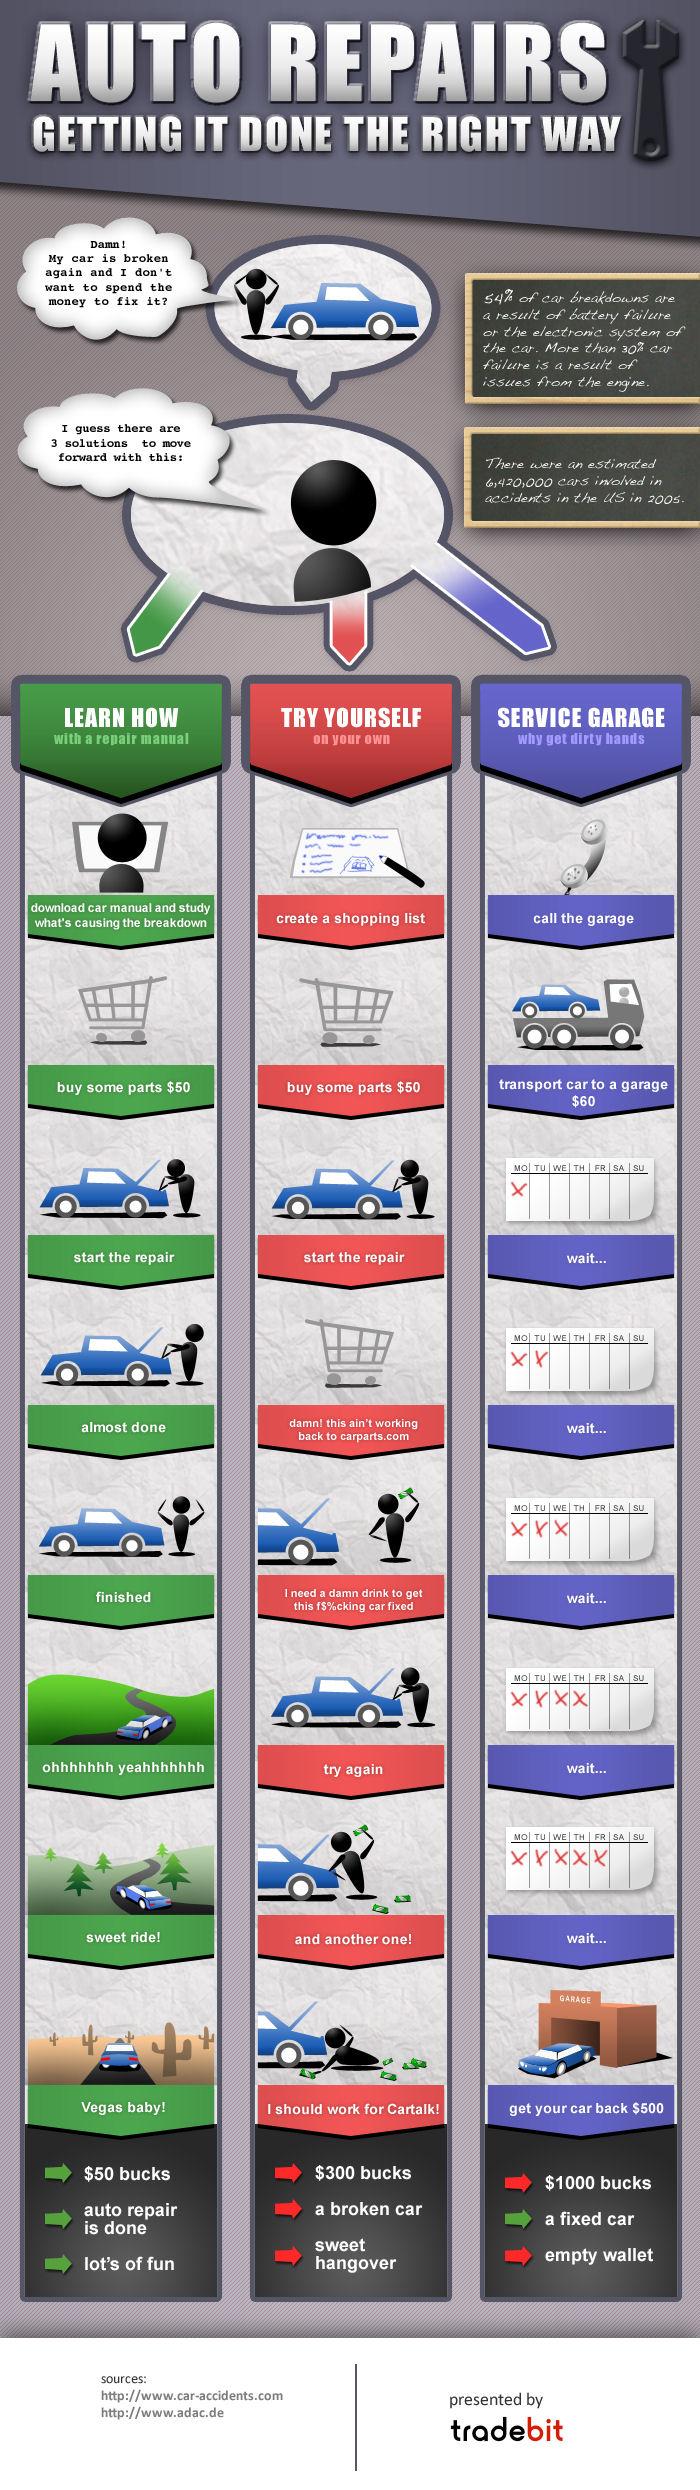 Free Repair Manual Graphic